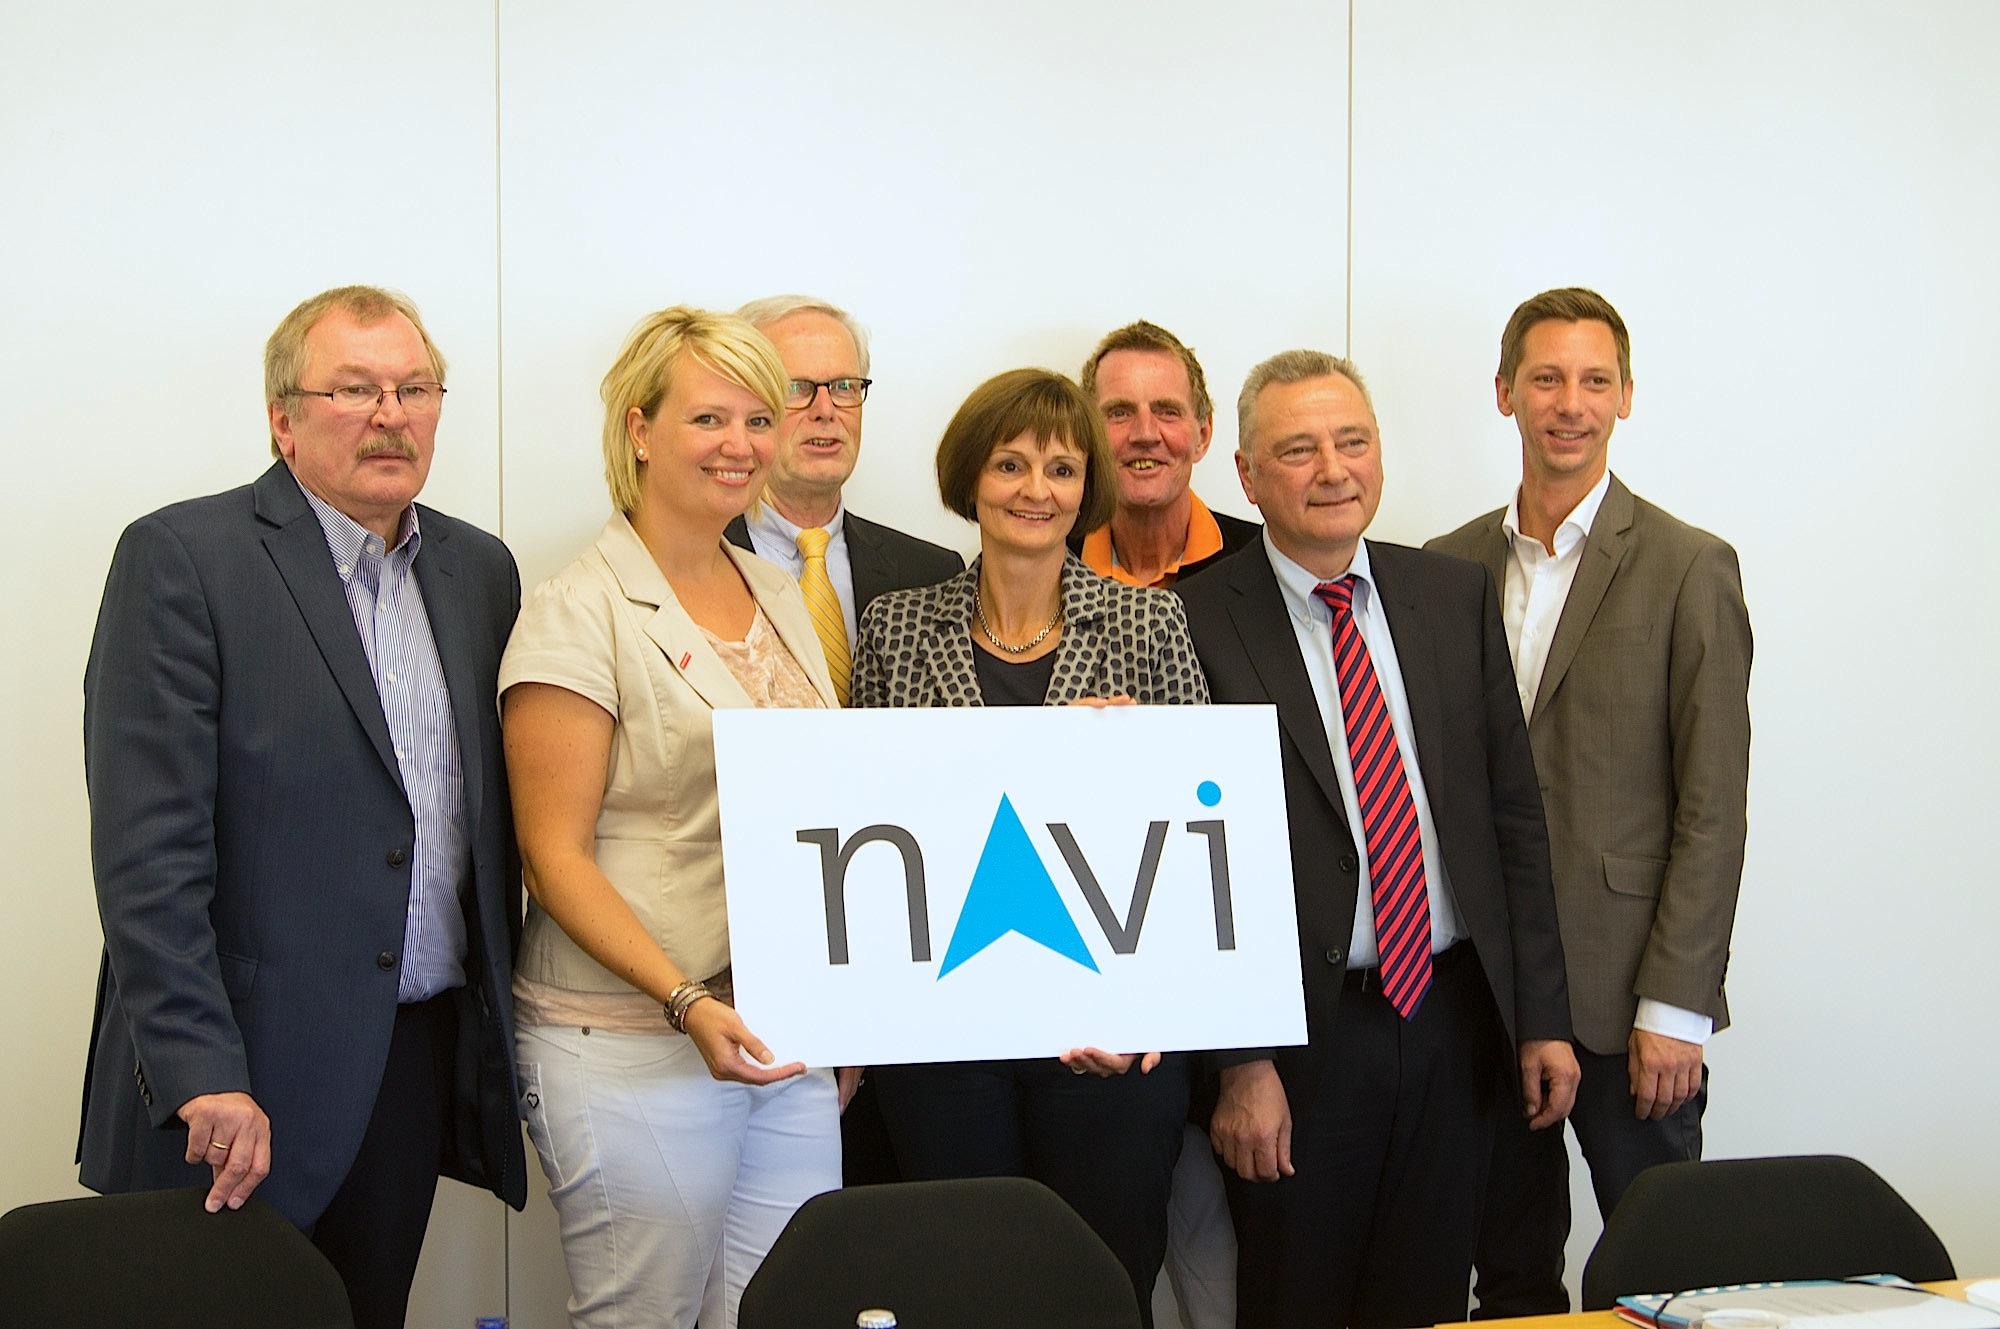 Photo of Studienabbruch: Mit Navi wieder auf den richtigen Weg